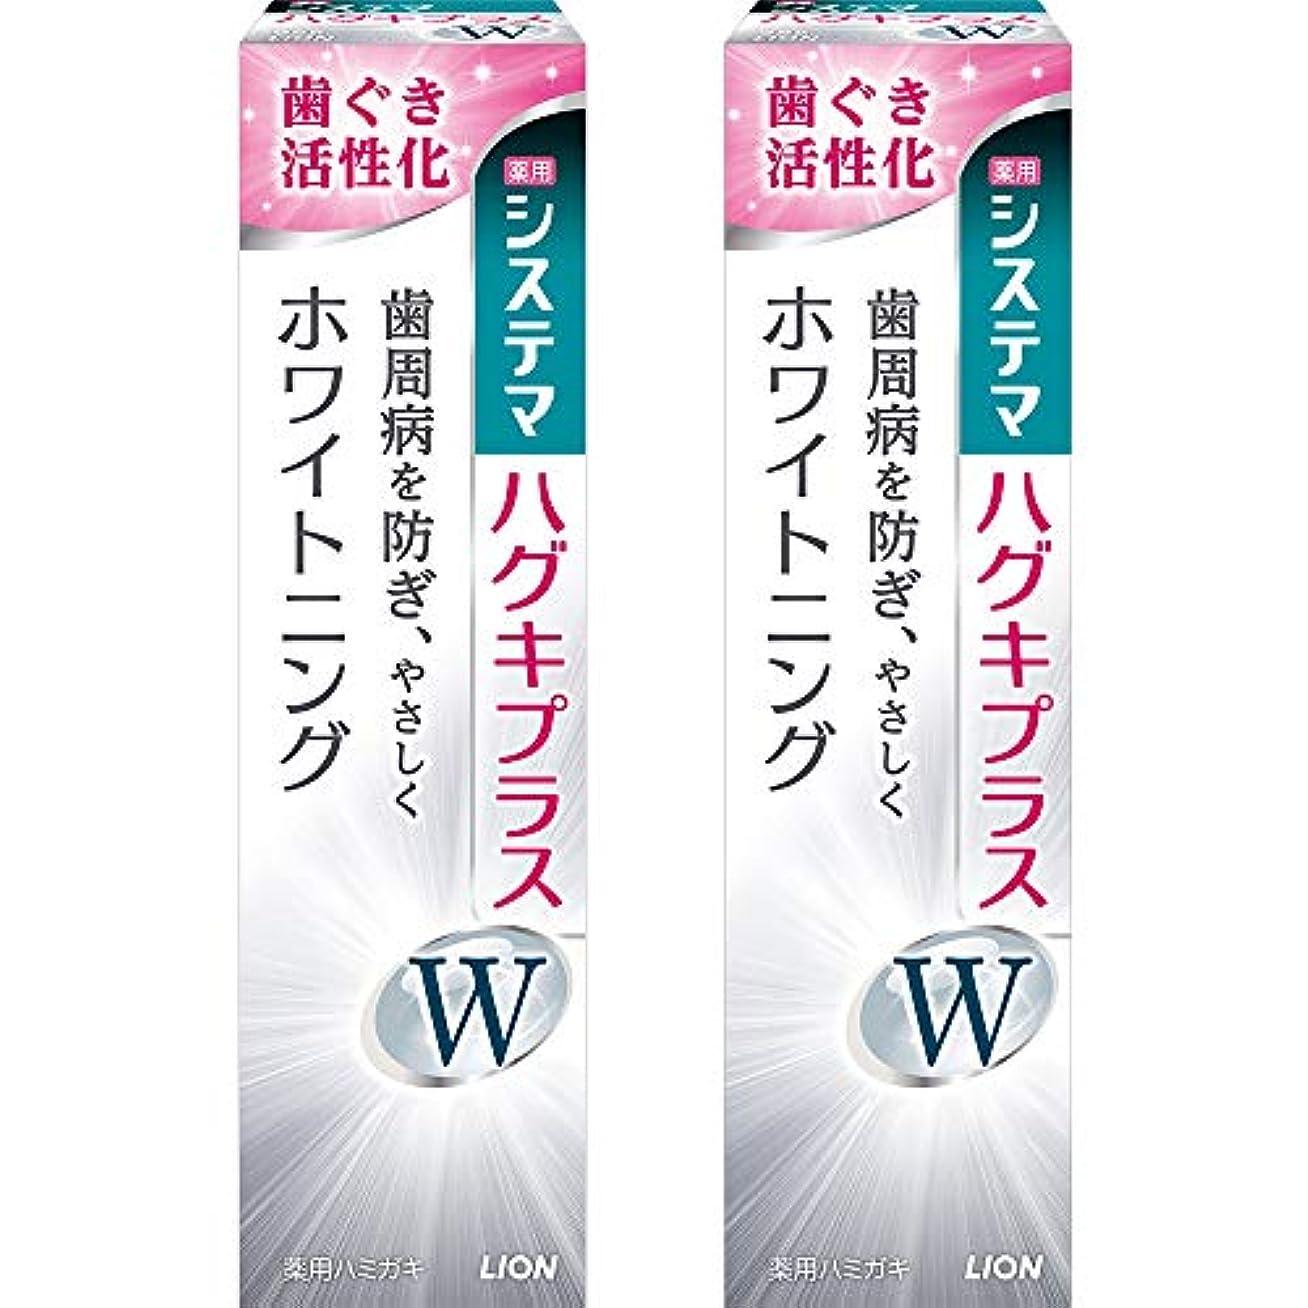 あごひげ健全に負けるシステマ ハグキプラスWハミガキ 95g×2個 [医薬部外品]